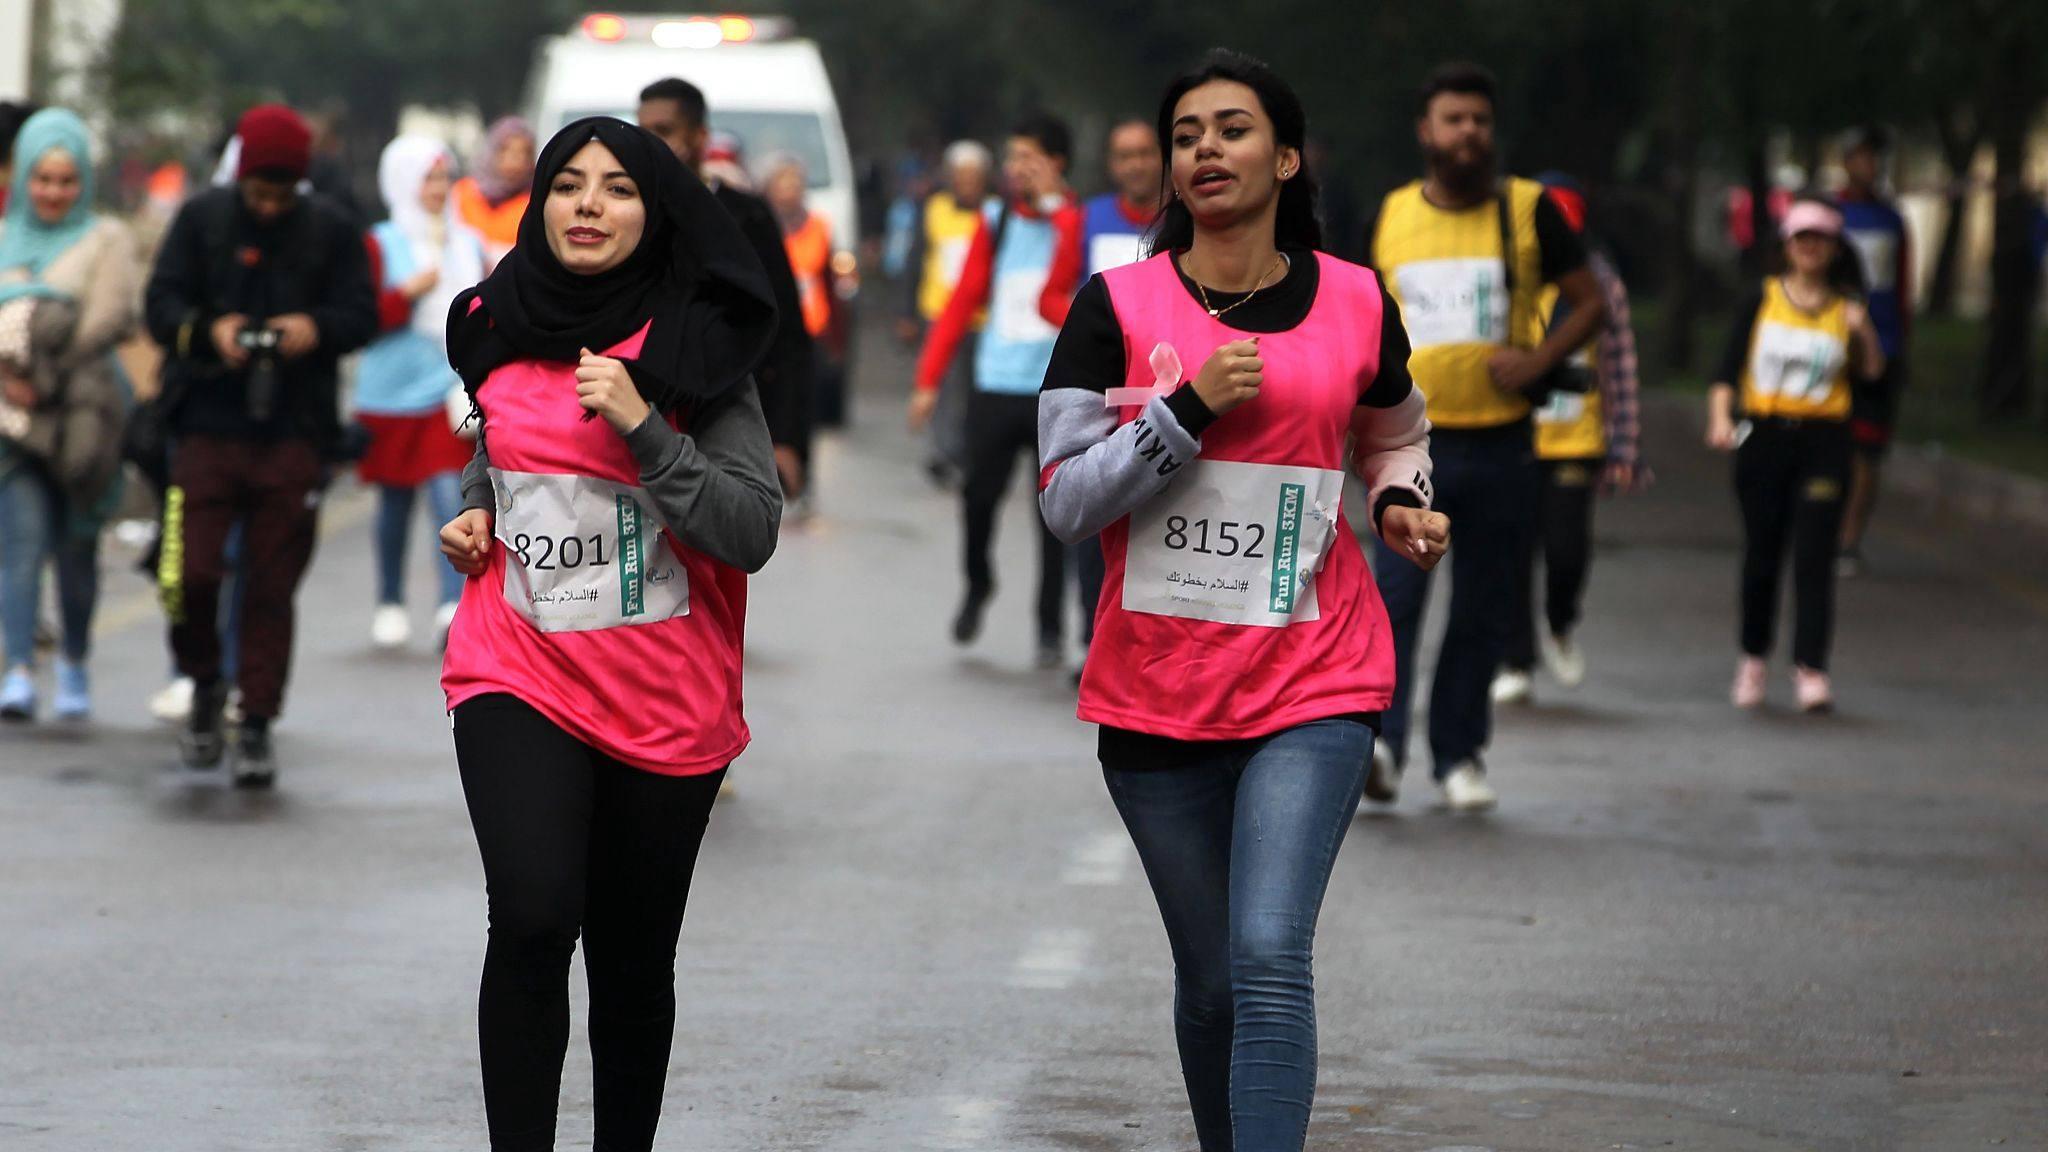 Iraqis run for peace in half marathon